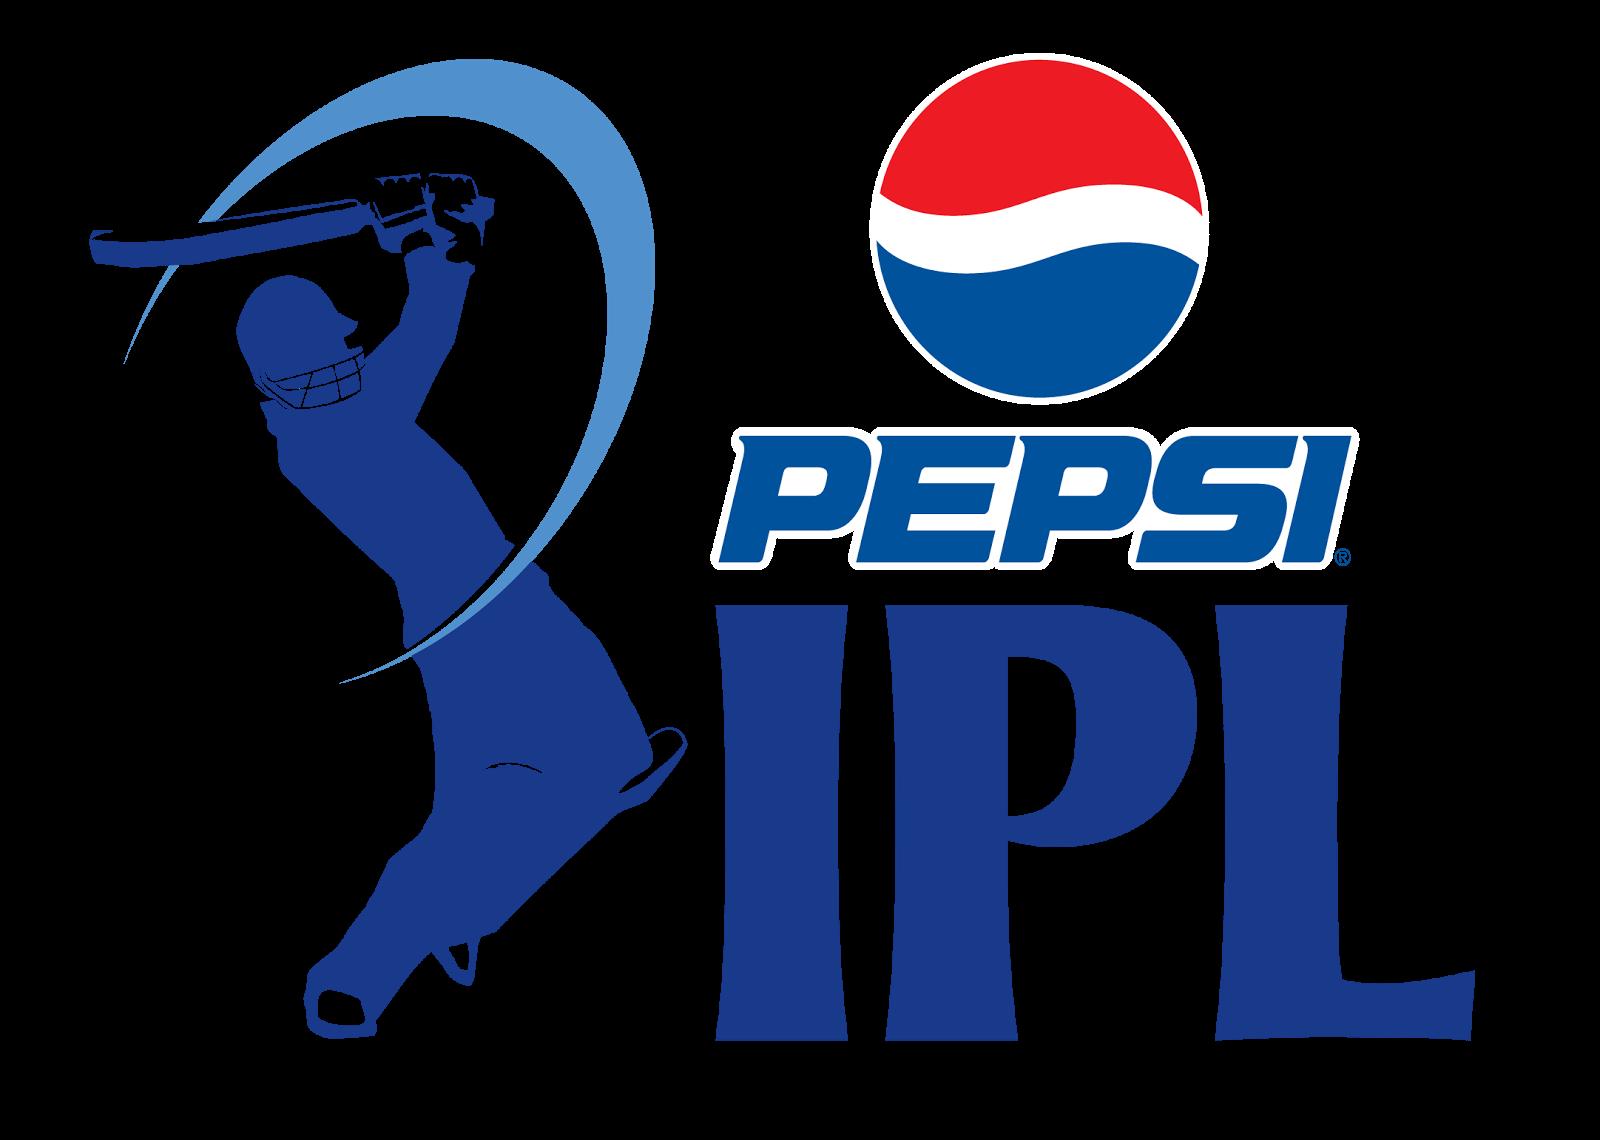 http://4.bp.blogspot.com/-zEVj3Xjbq2E/UYPnnNKIeaI/AAAAAAAAC78/GhlQPGJf16s/s1600/IPL+2013+Live+Cricket+Streaming.png